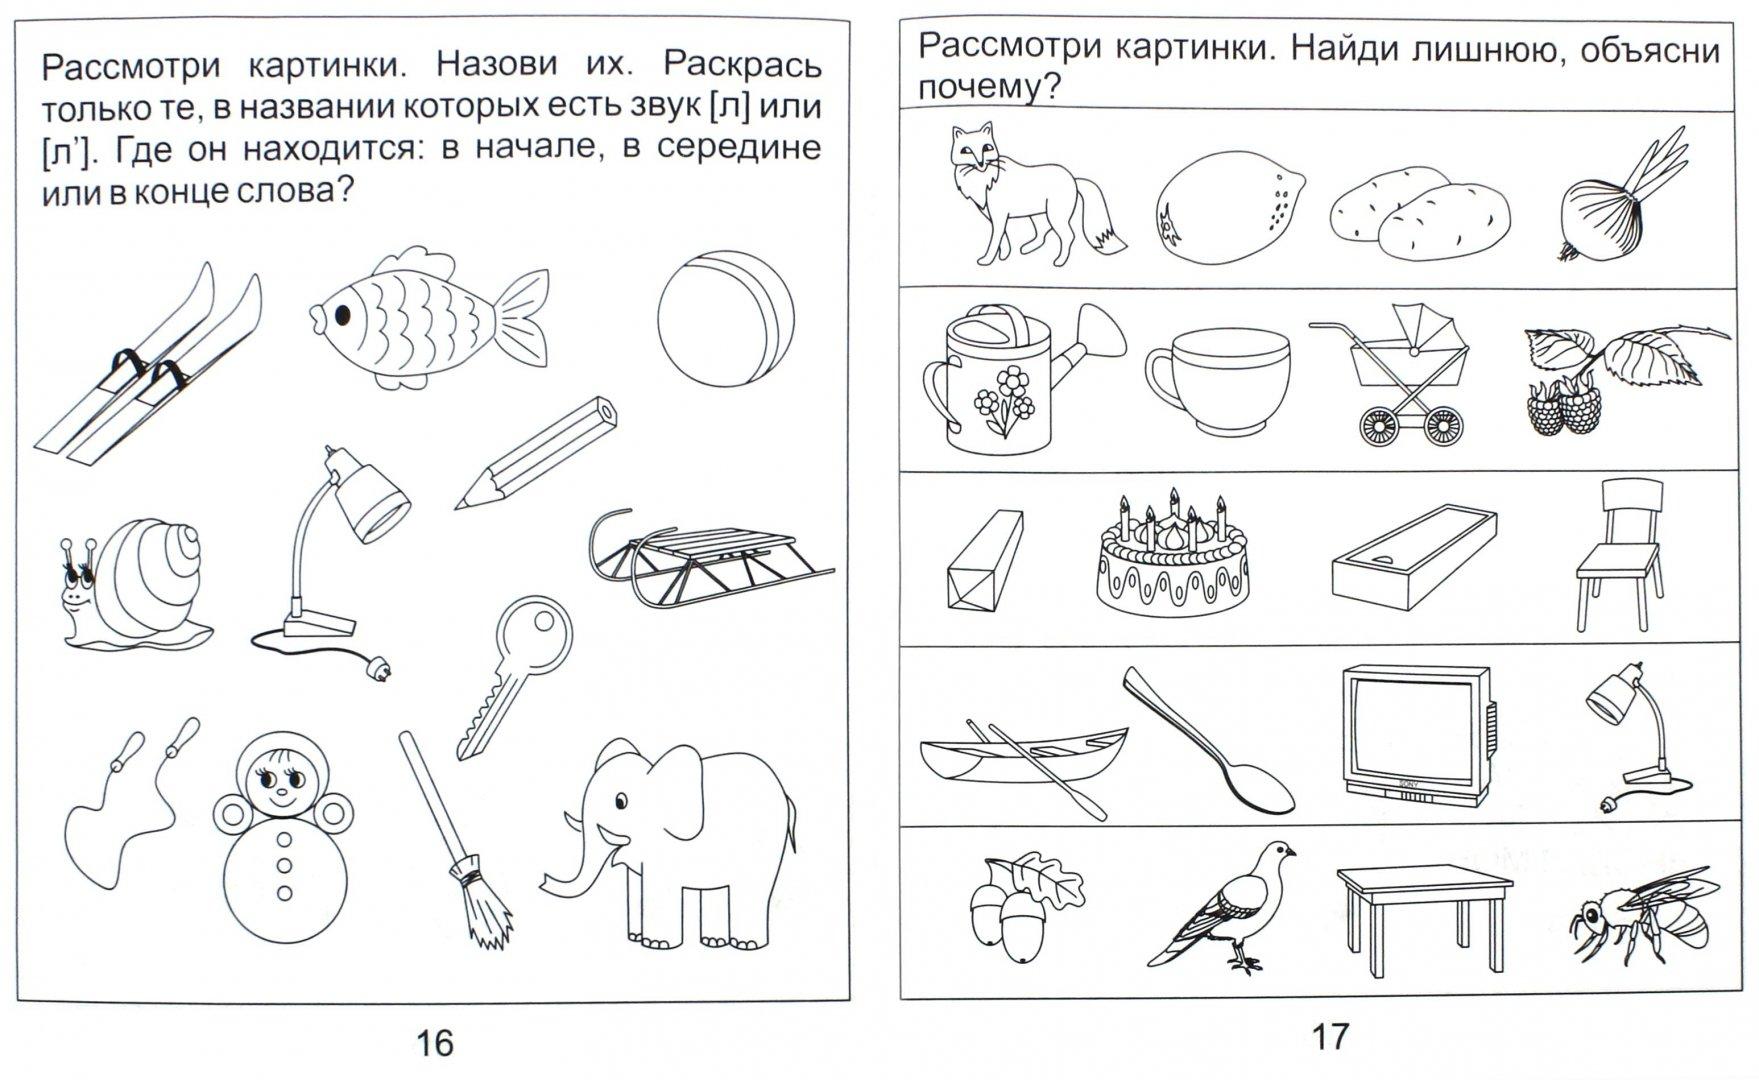 Иллюстрация 1 из 18 для Логопедическая тетрадь на звуки [Л], [Л']. Солнечные ступеньки | Лабиринт - книги. Источник: Лабиринт